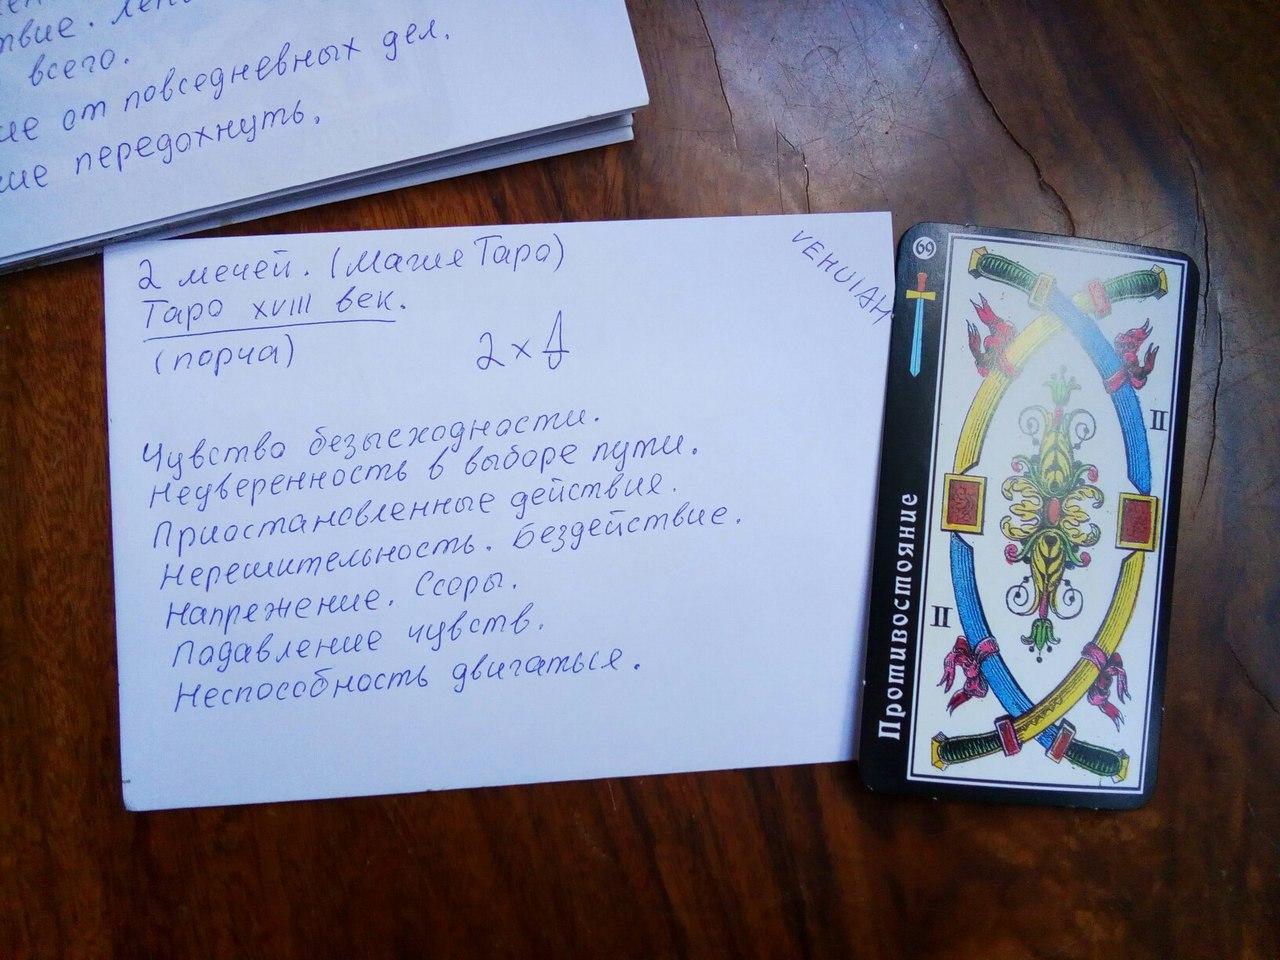 Рунограмма - Конверты с магическими программами от Елены Руденко. Ставы, символы, руническая магия.  - Страница 6 QyydZLmzM8E